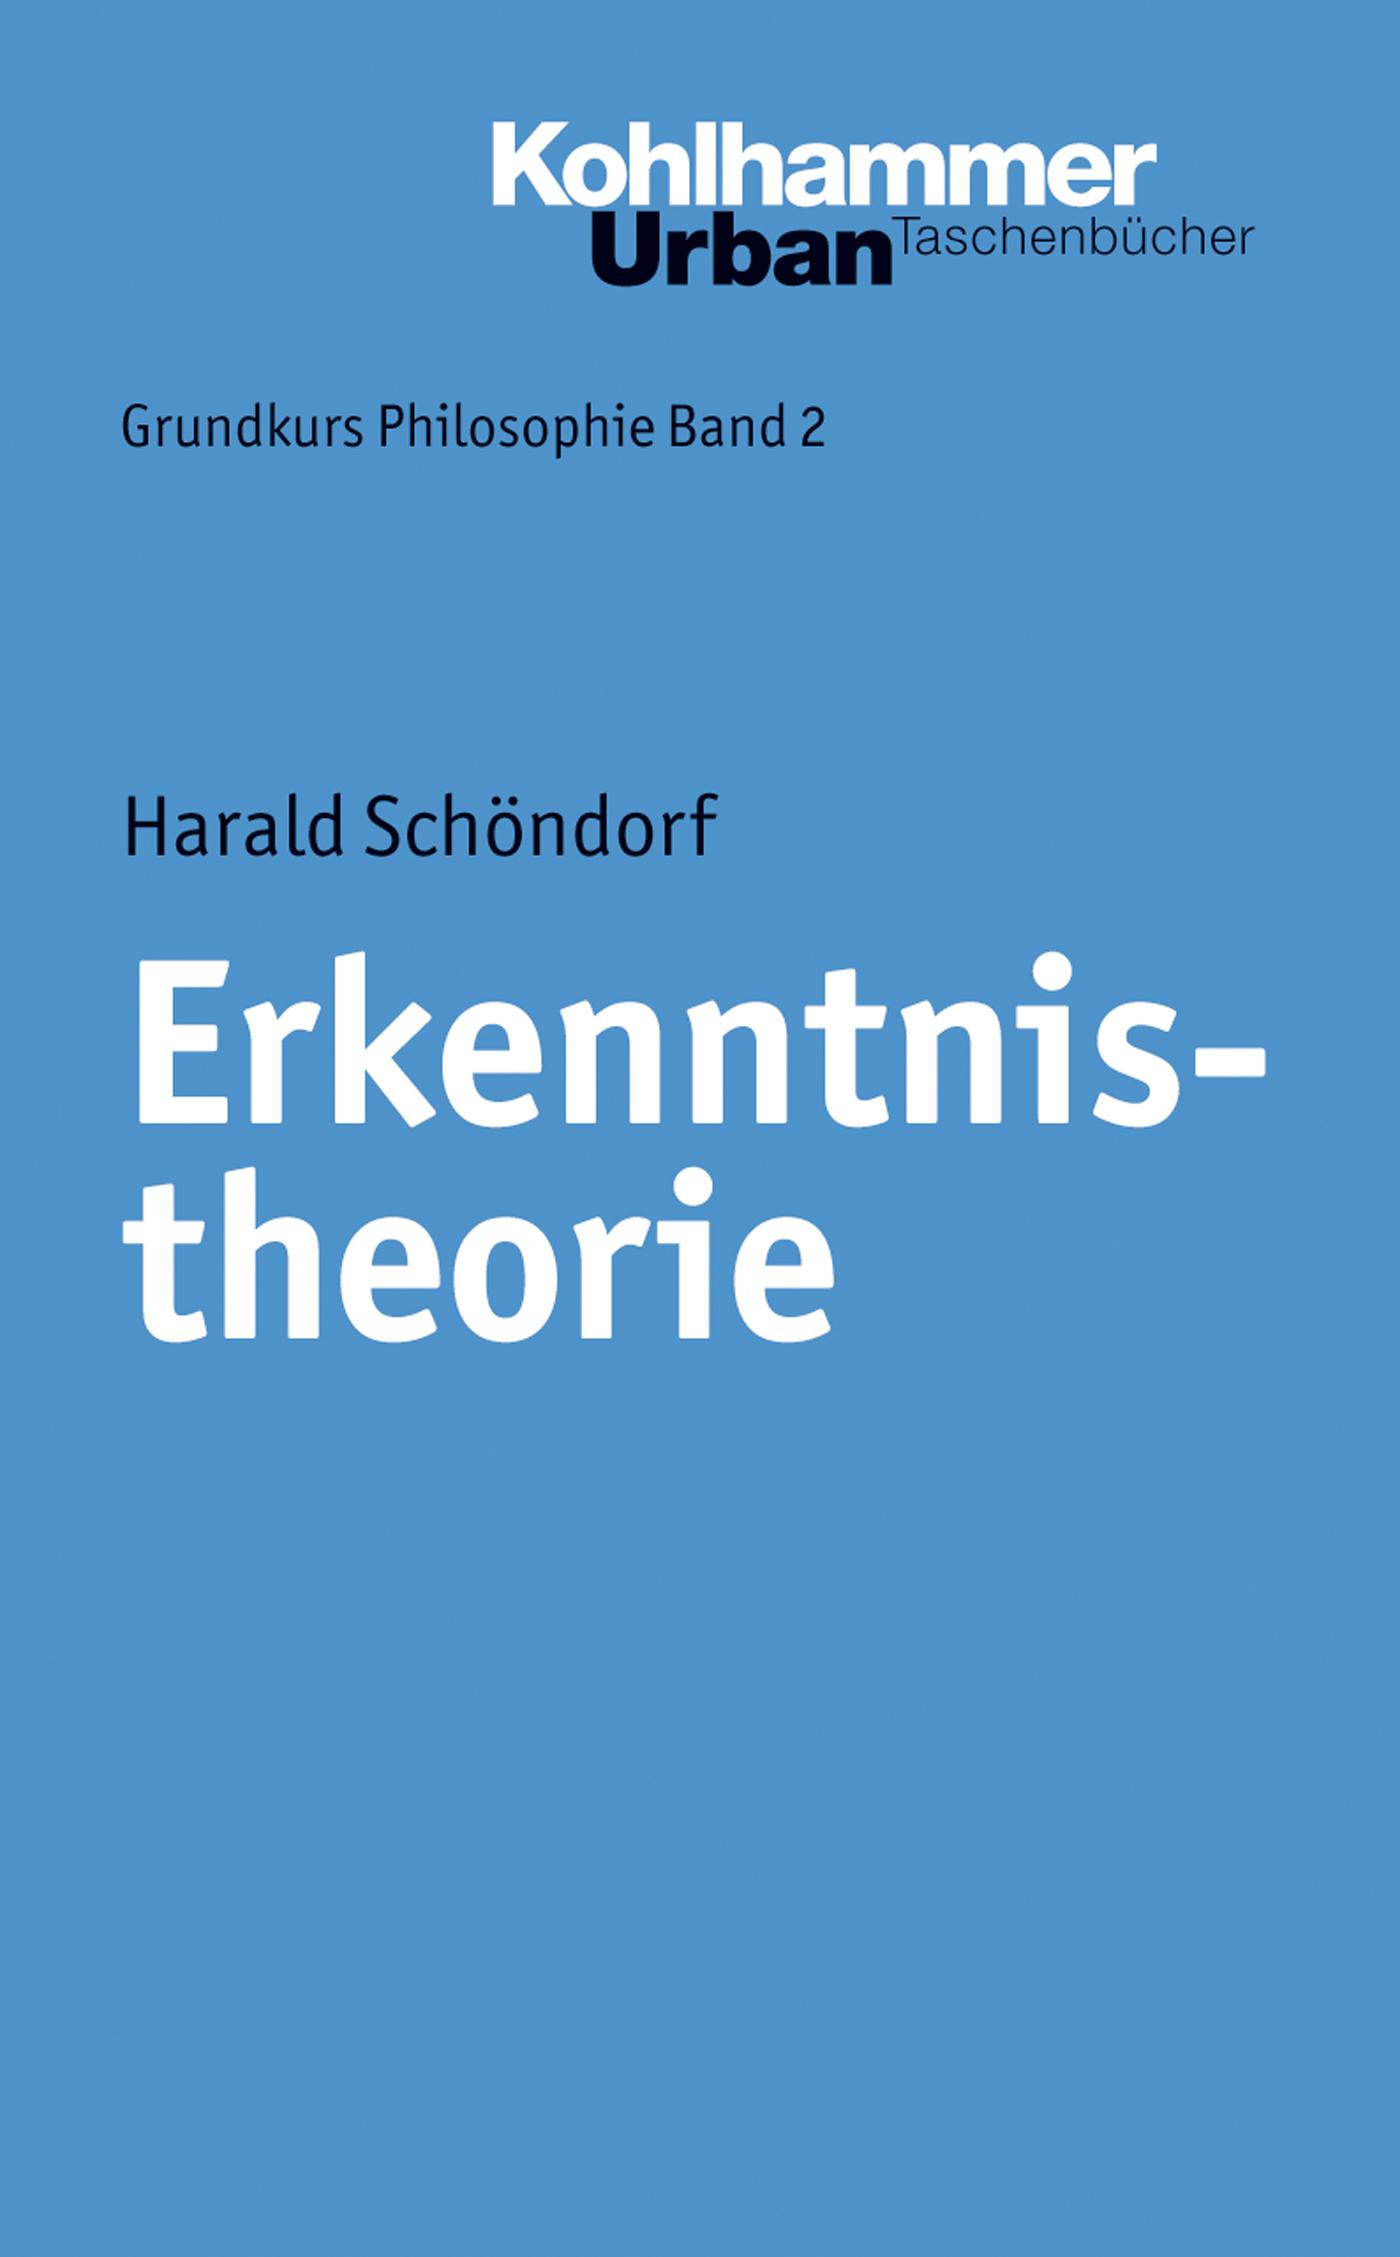 Harald Schondorf Erkenntnistheorie